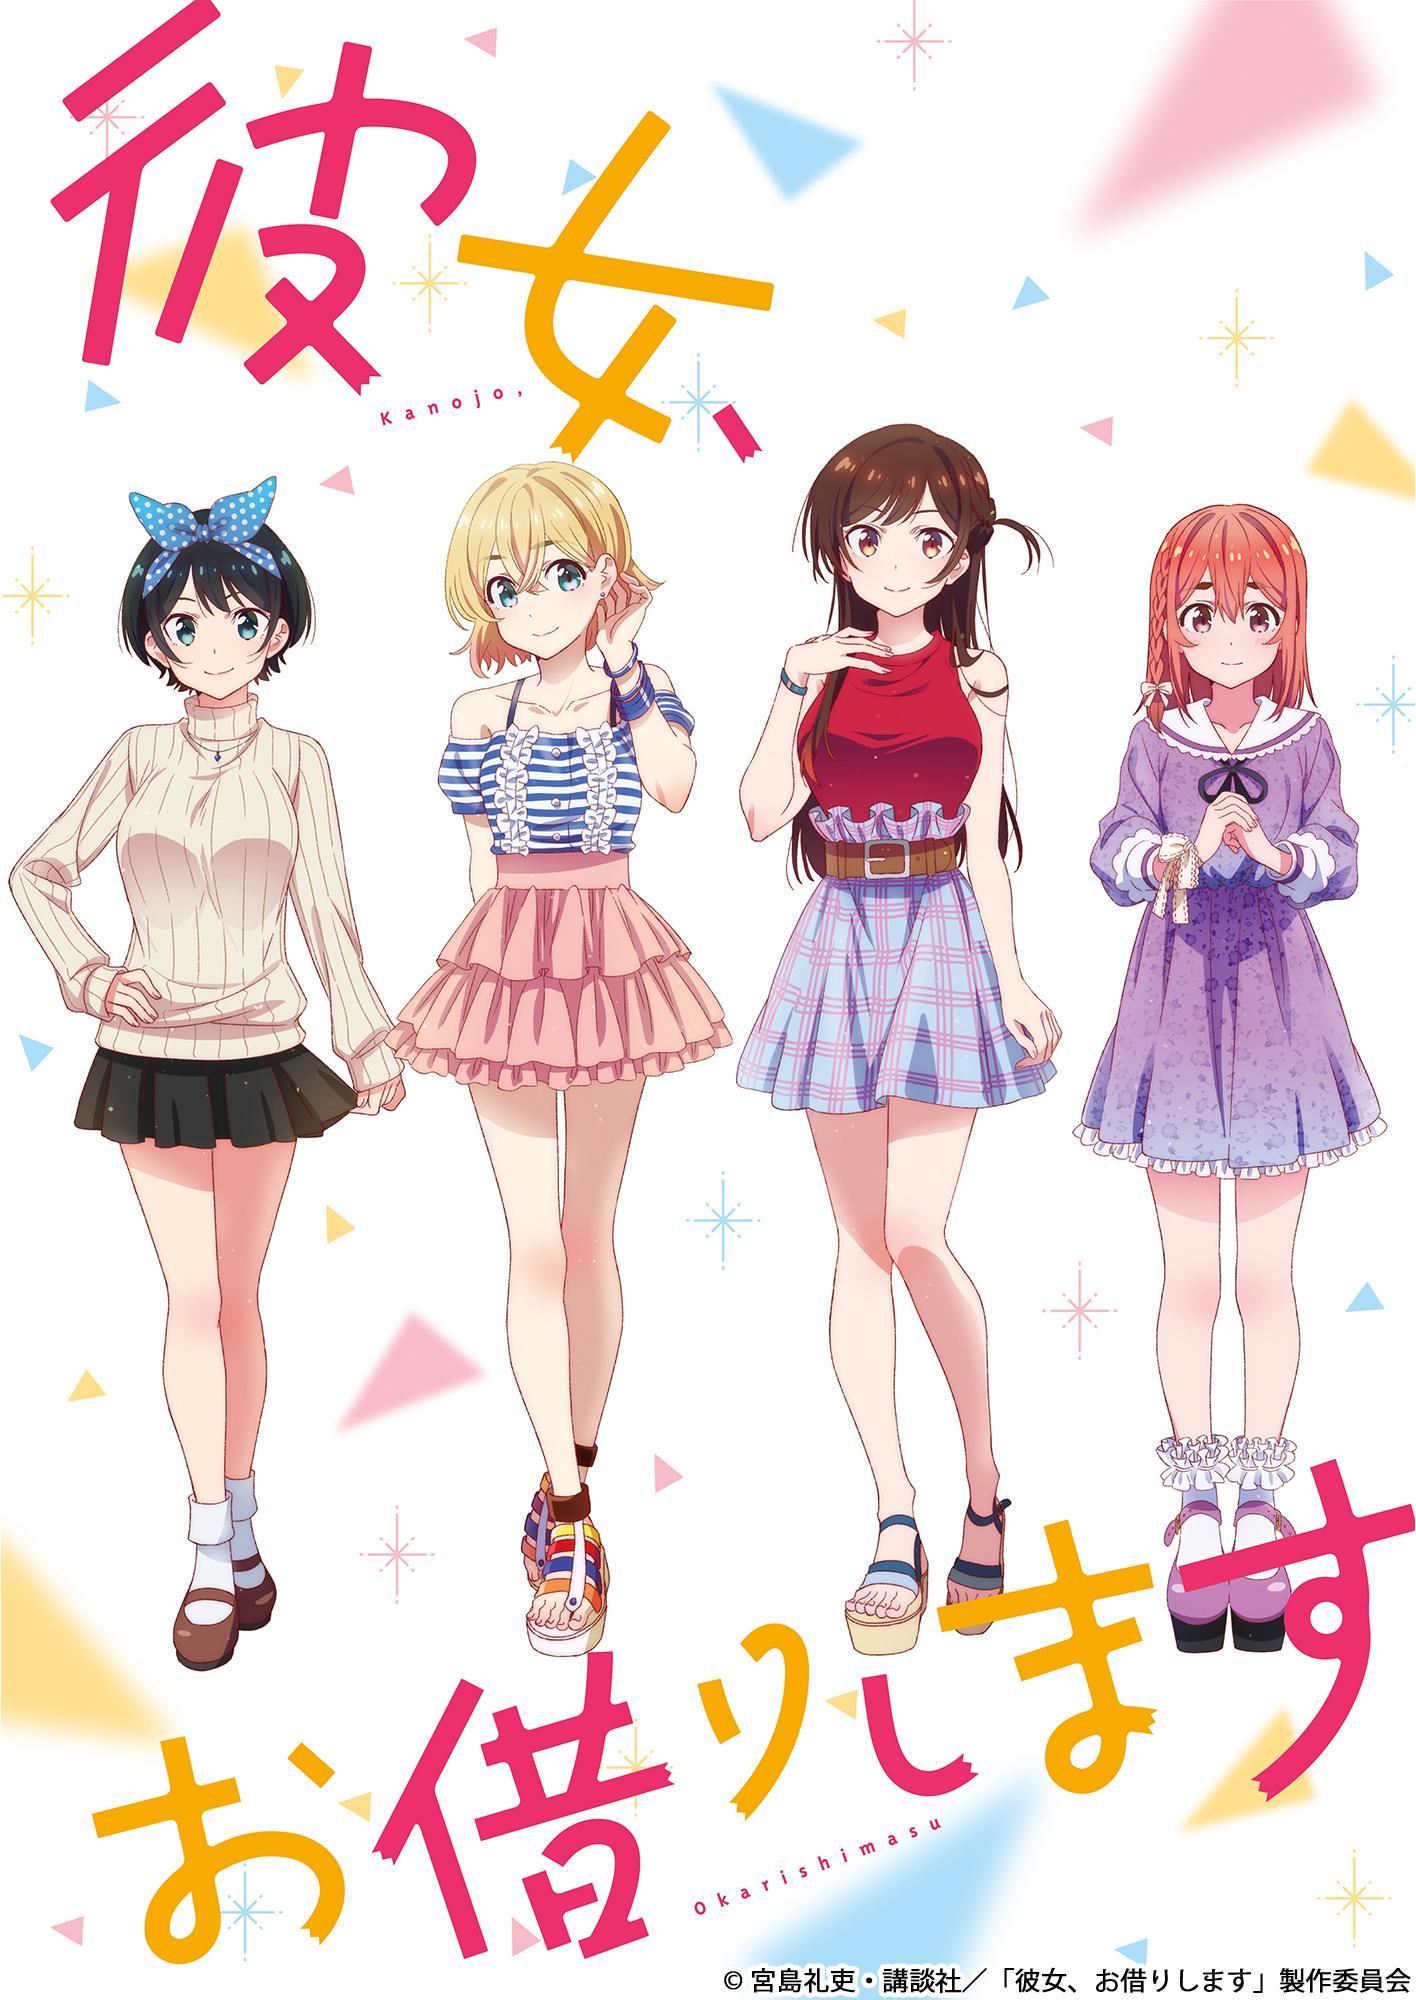 Kanojo-Okarishimasu-Rent-a-Girlfriend-KV Kanojo, Okarishimasu (Rent-a-Girlfriend)